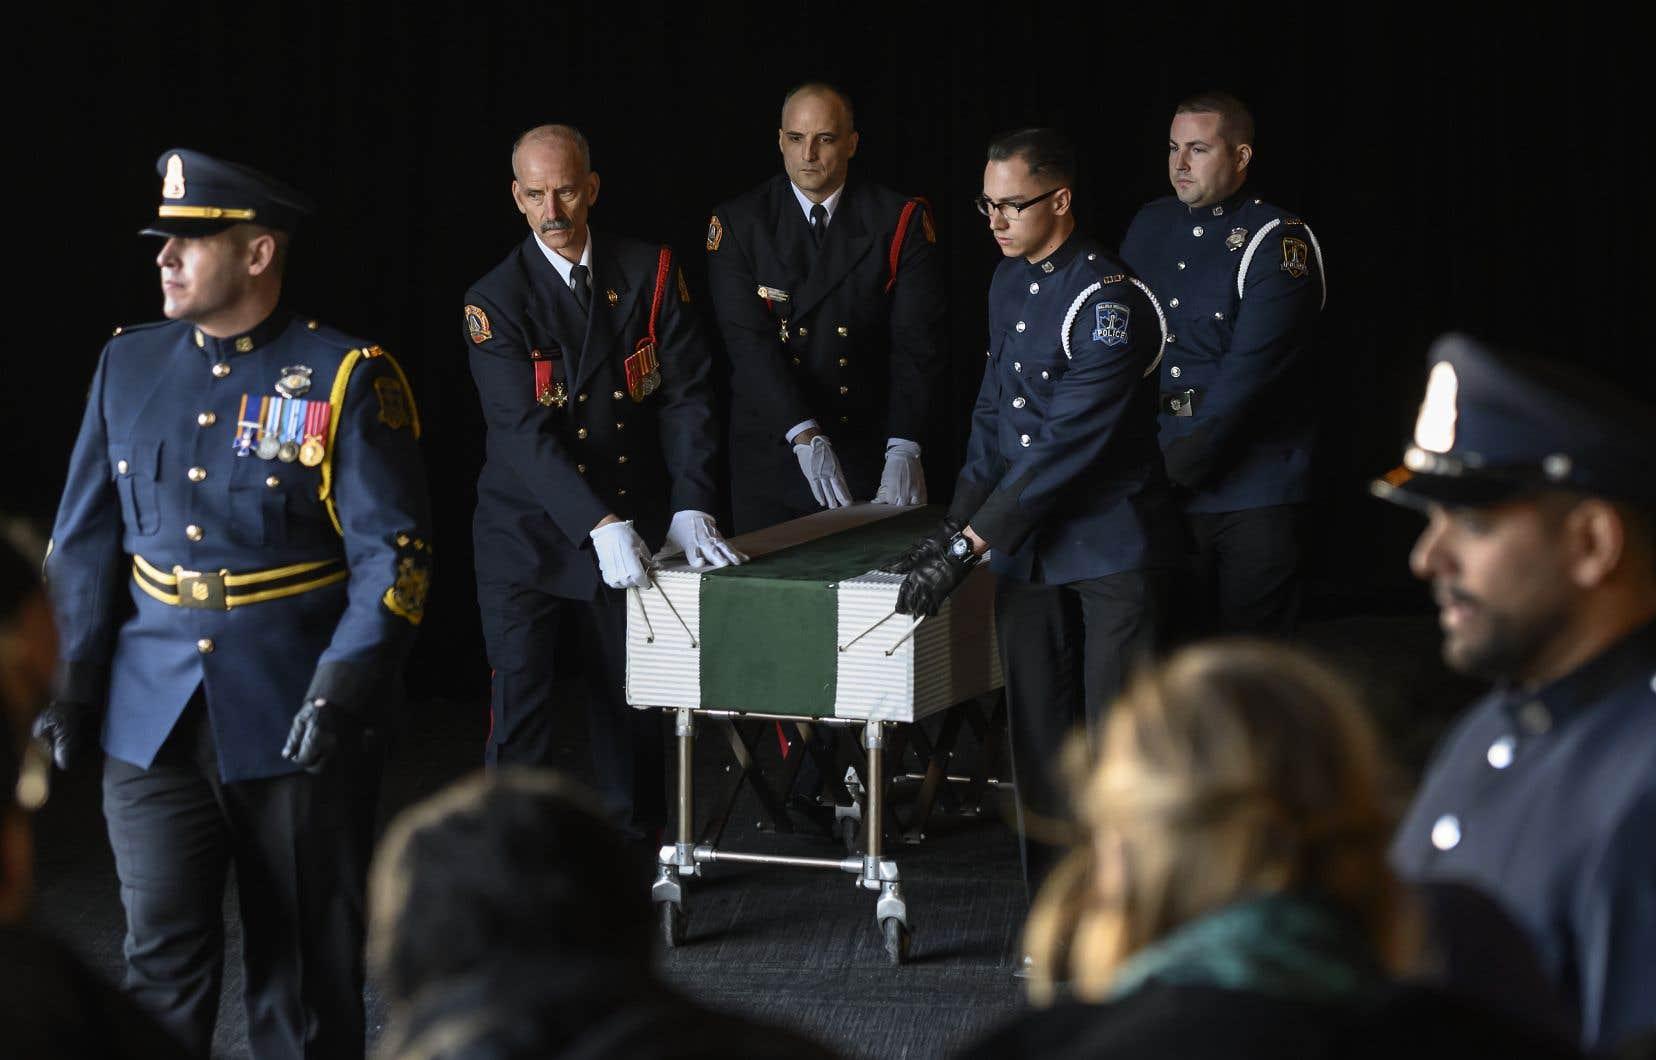 Les sept enfants seront enterrés dans un cimetière musulman à Hammonds Plains.